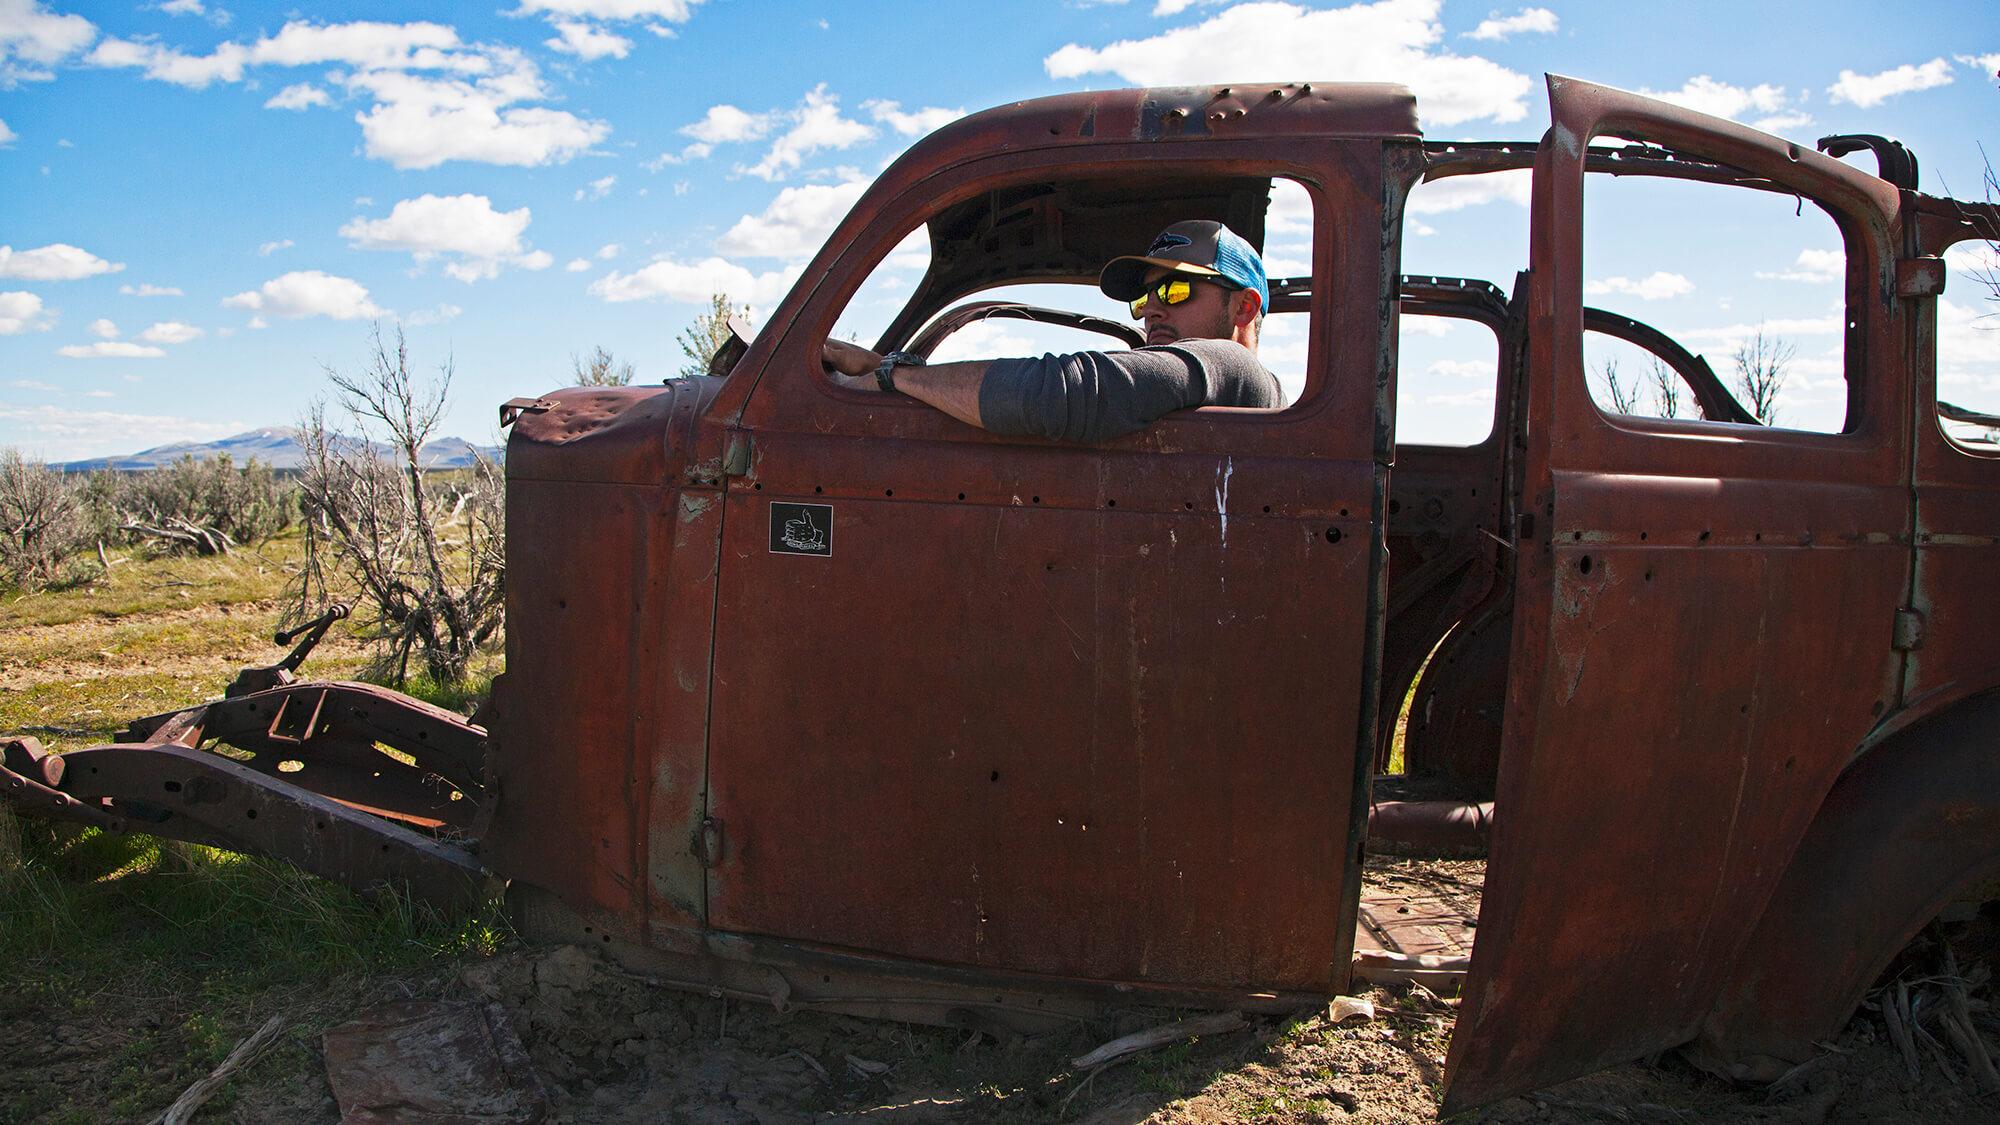 Man sitting in rusty car